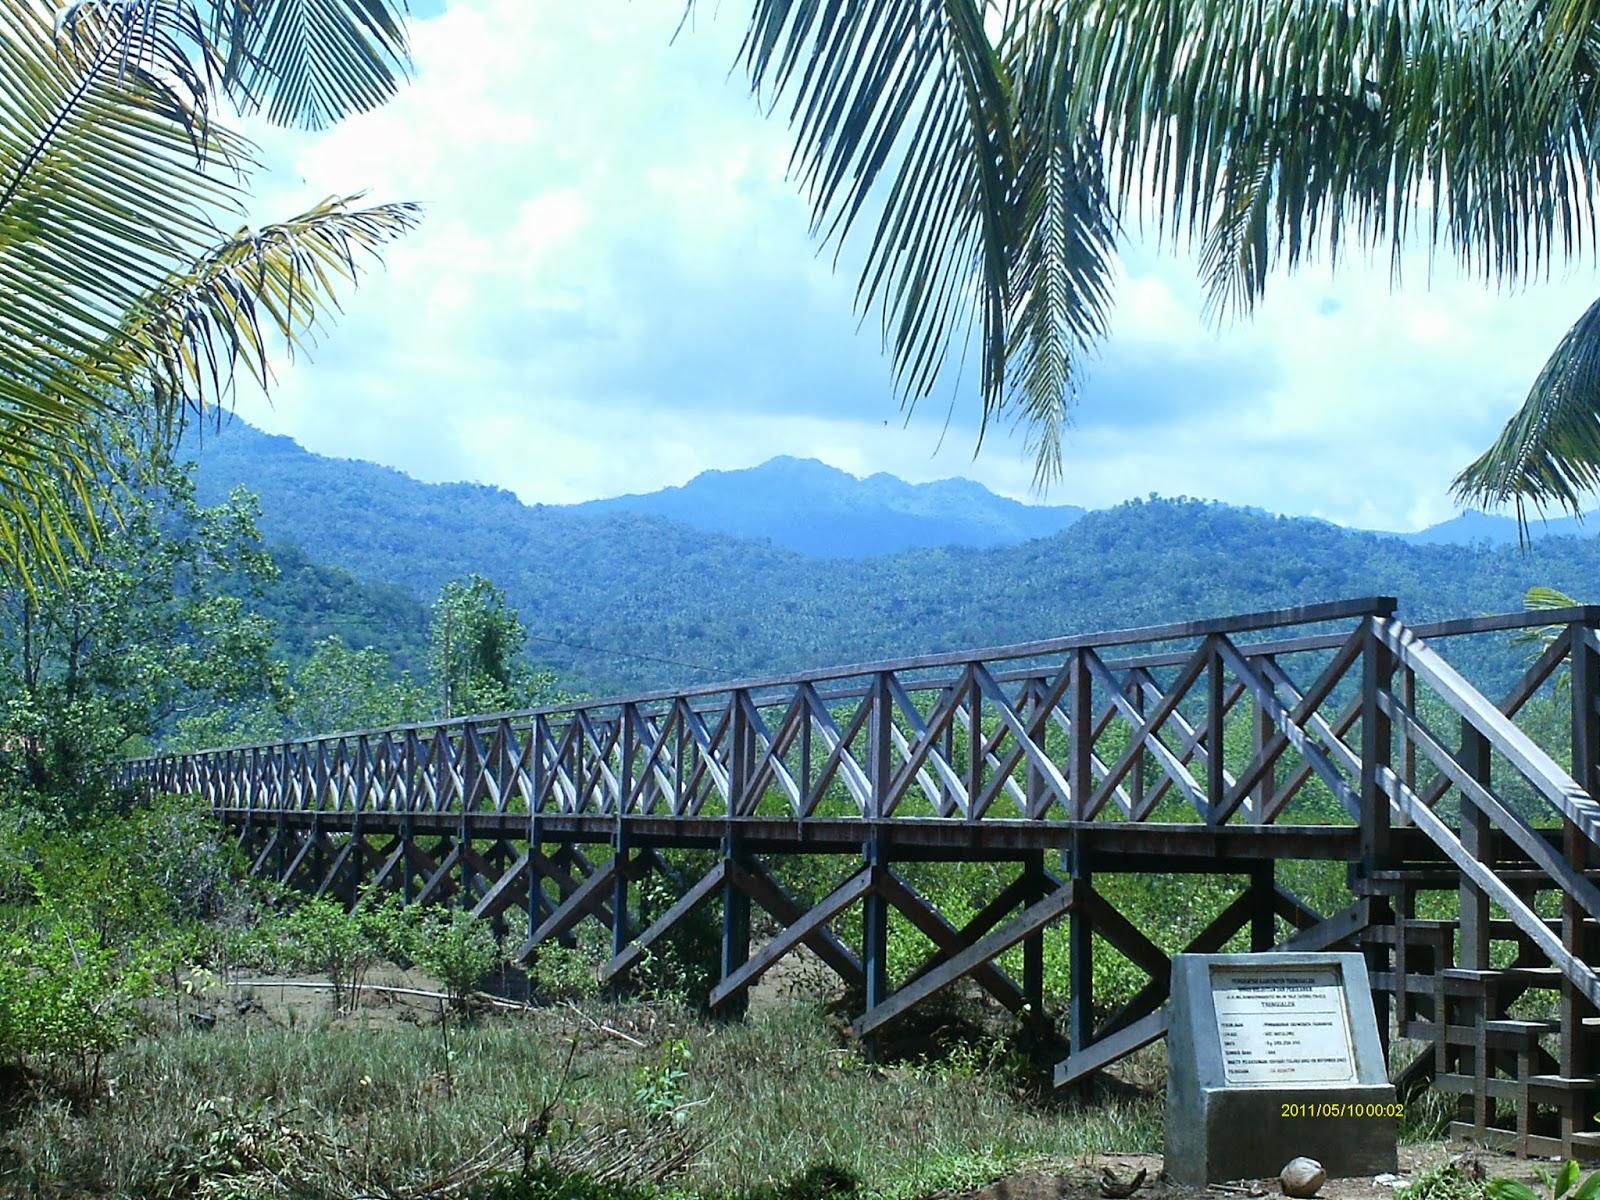 Selamatkan Bumi Kita Ekowisata Mangrove Pancer Cengkrong Jembatan Kayu Hutan